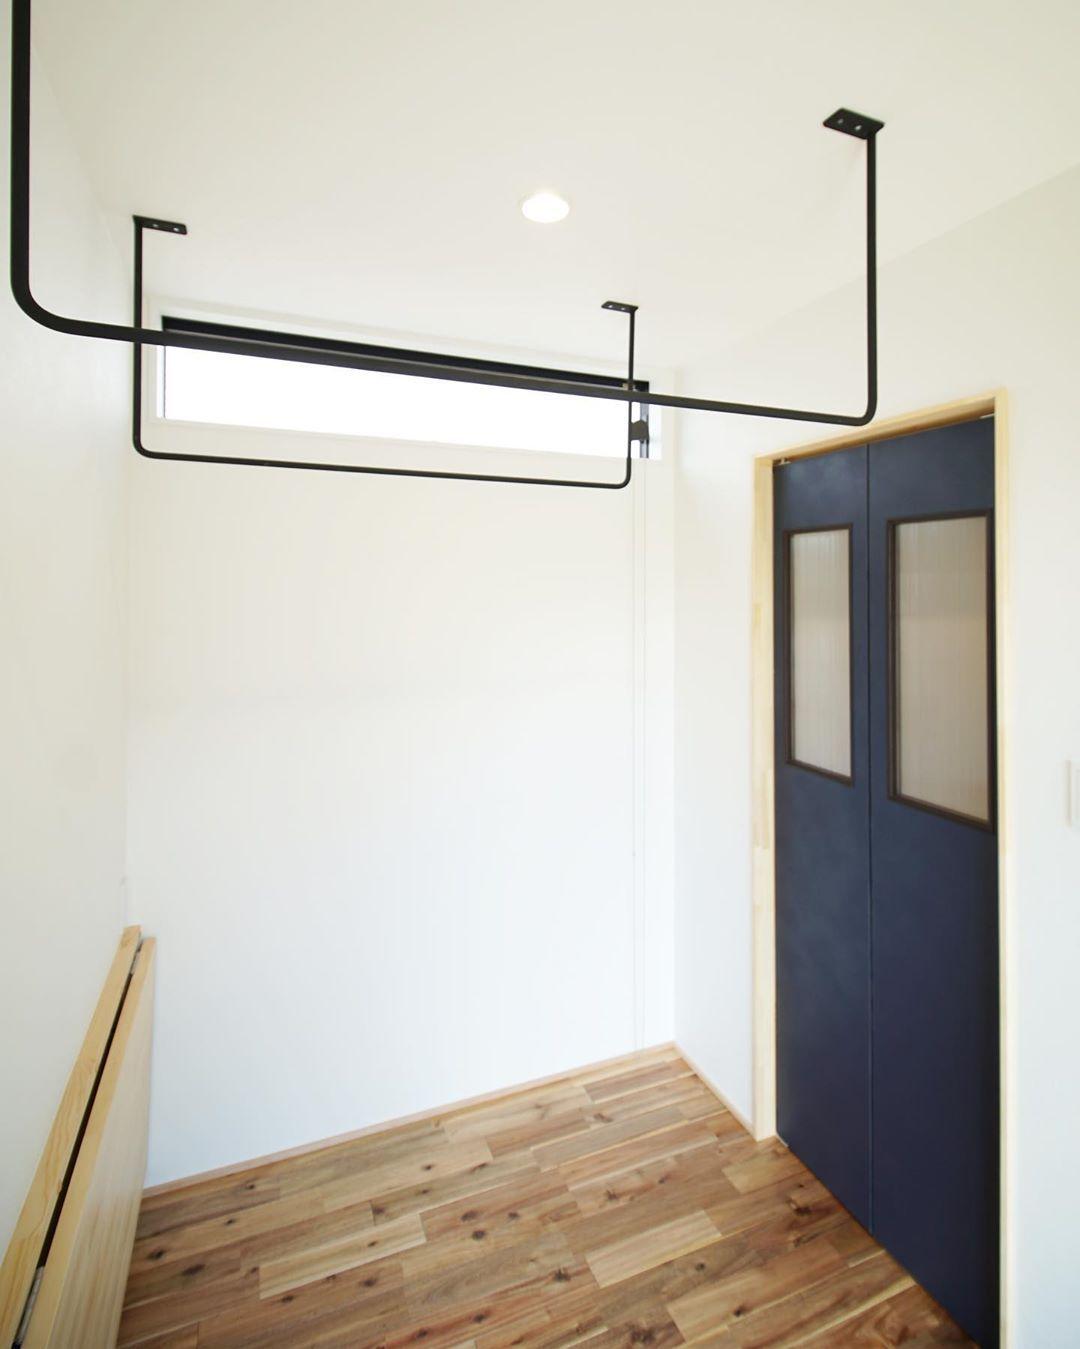 Minimaru Design On Instagram 折りたたみ式のカウンターを備えたサンルーム 造作建具の先はウォークインクローゼット